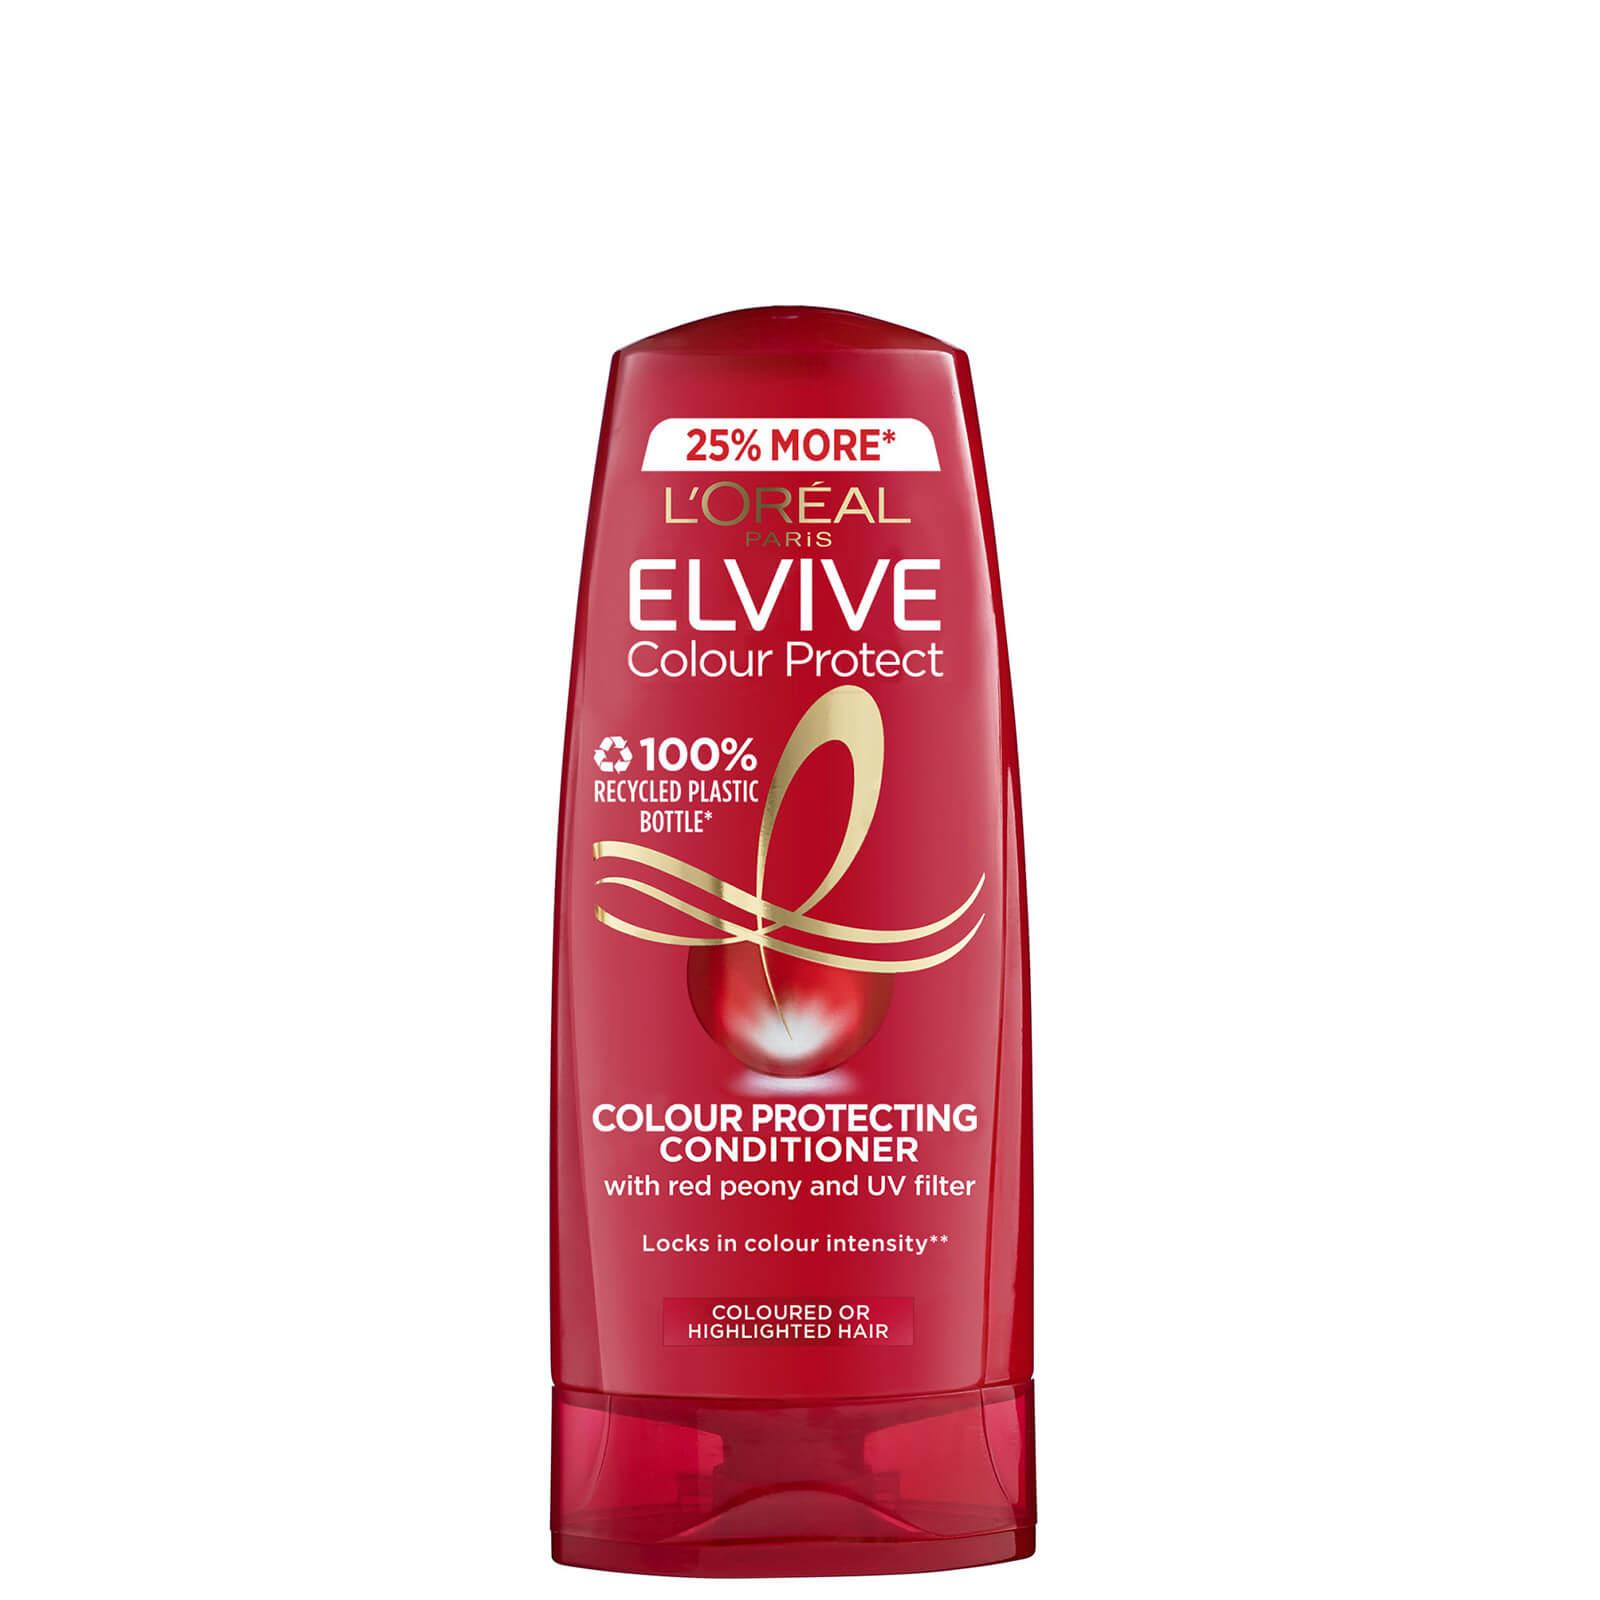 L'Oréal Paris Elvive Colour Protect Conditioner 500ml